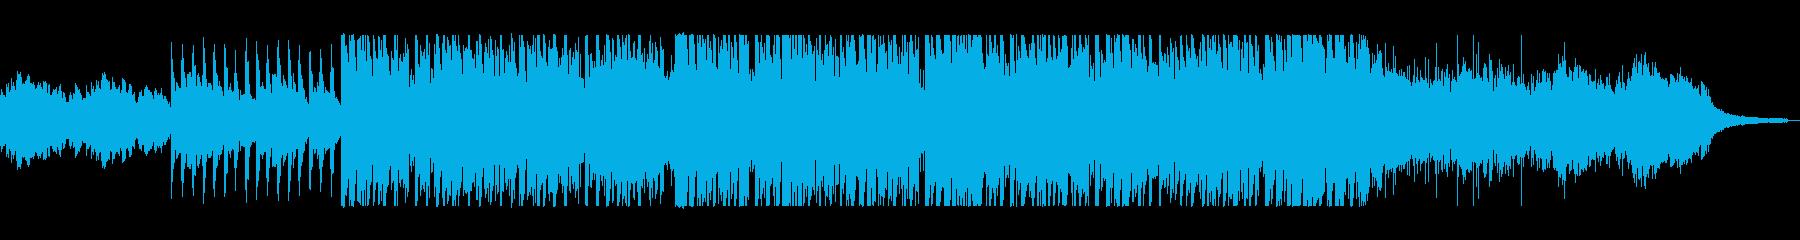 ピアノのメロディーがきれいの再生済みの波形